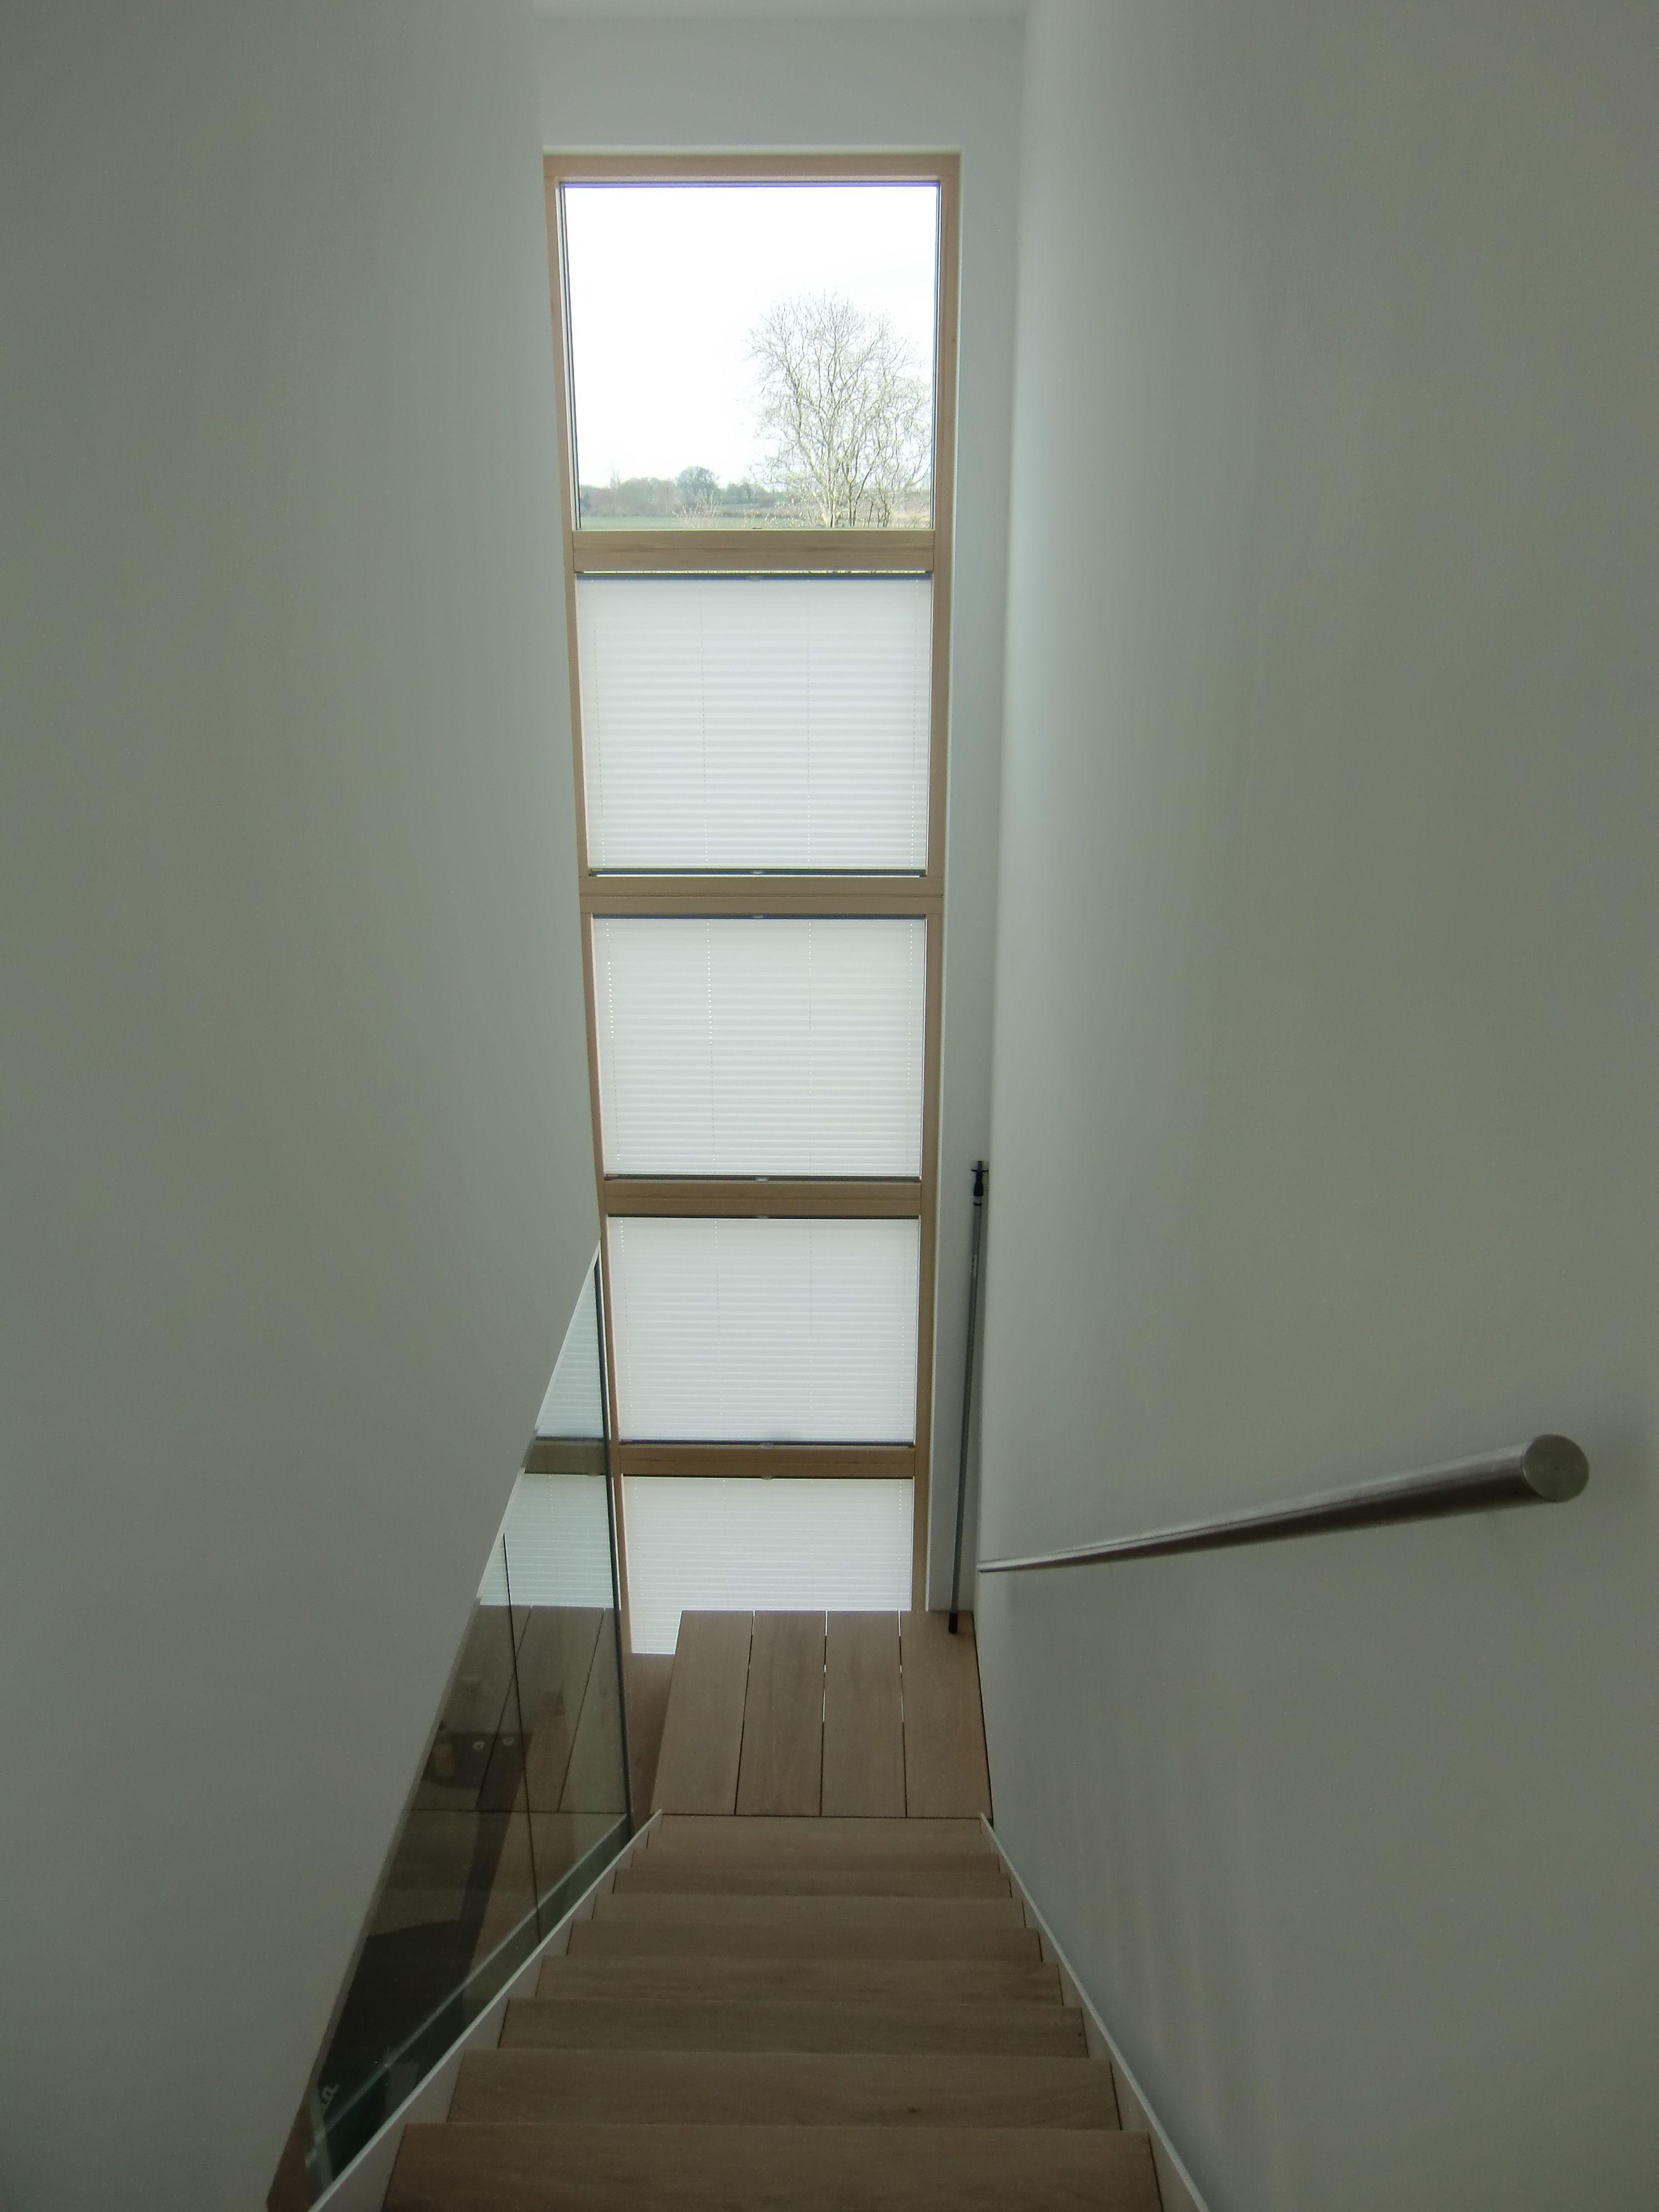 Sonnenschutz Montage im Treppenhaus Plissees von Germania KG